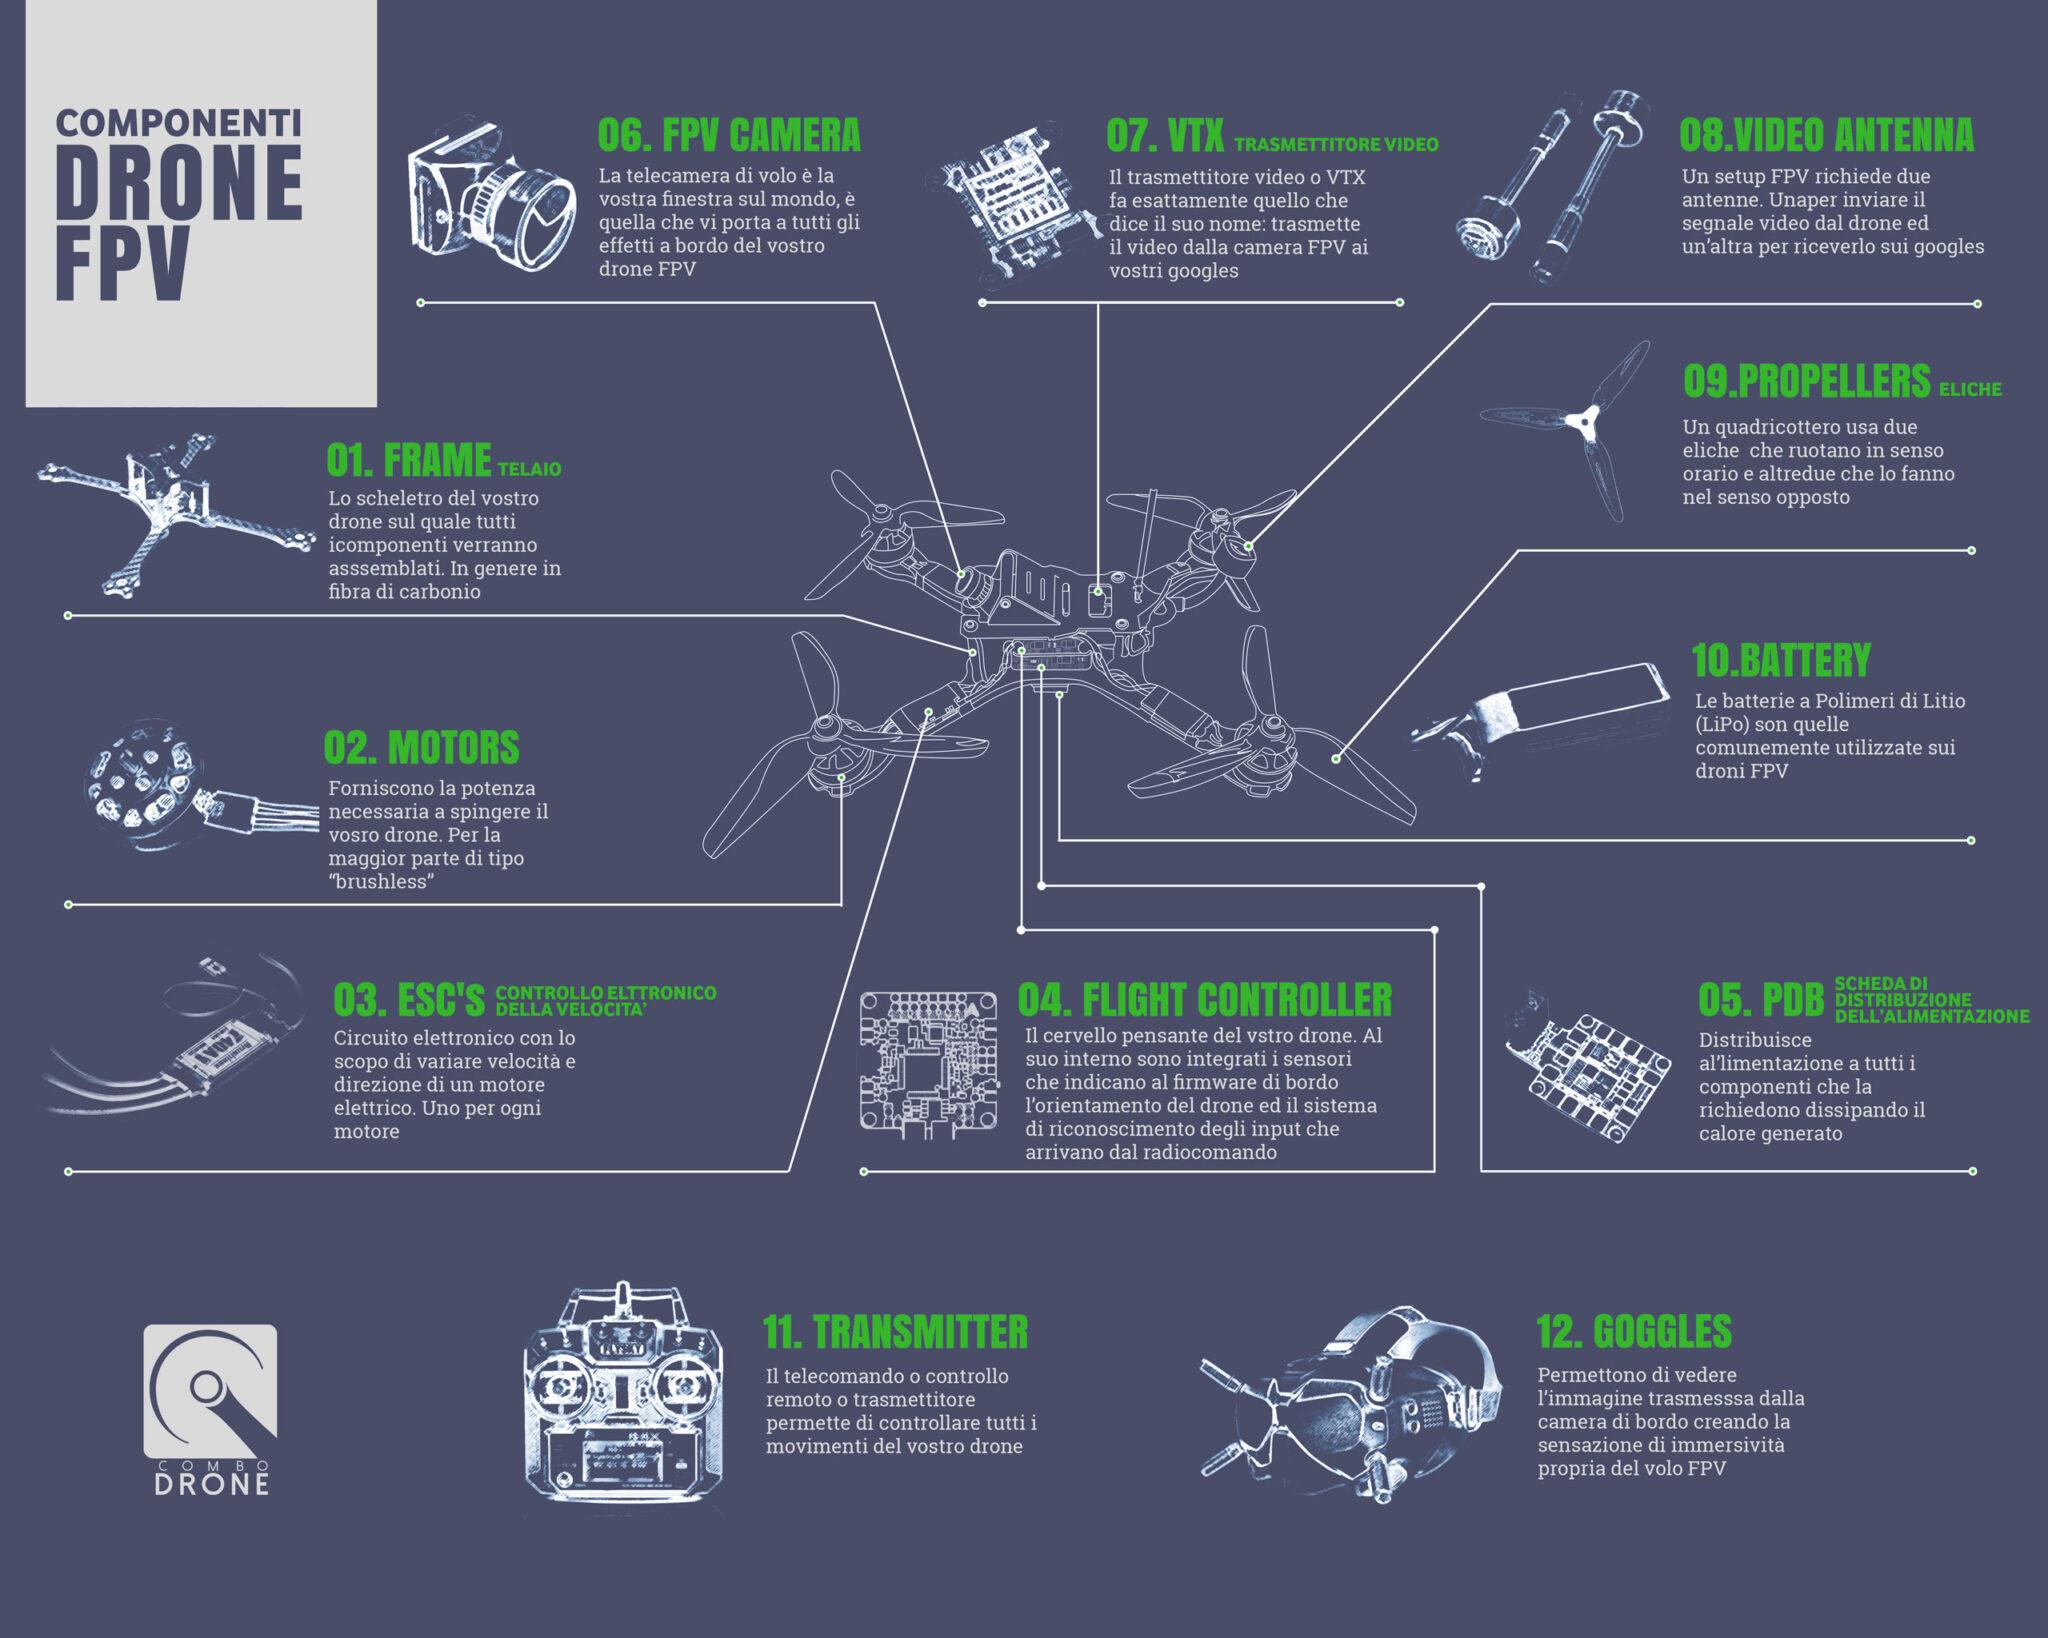 schema dei componenti singoli dei droni FPV